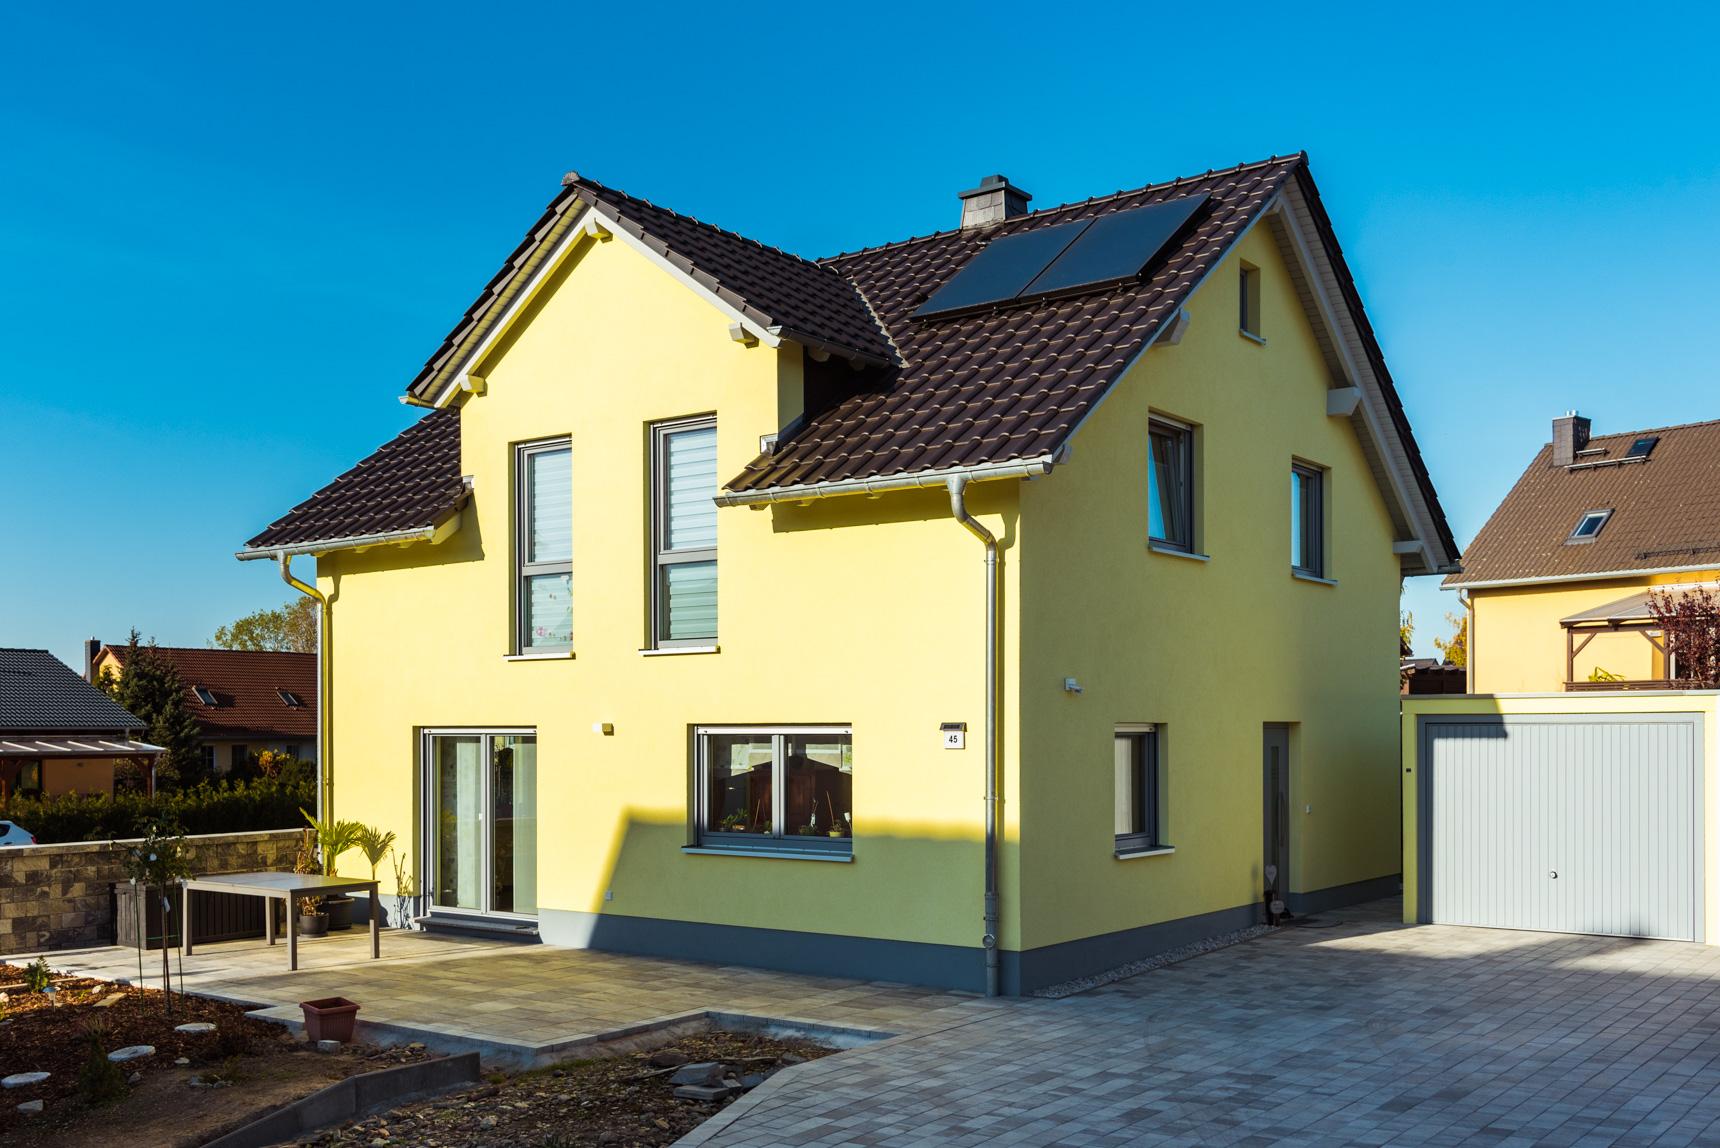 Referenz - Chemnitz OT Klaffenbach - AGL Massivhaus Projektbau GmbH